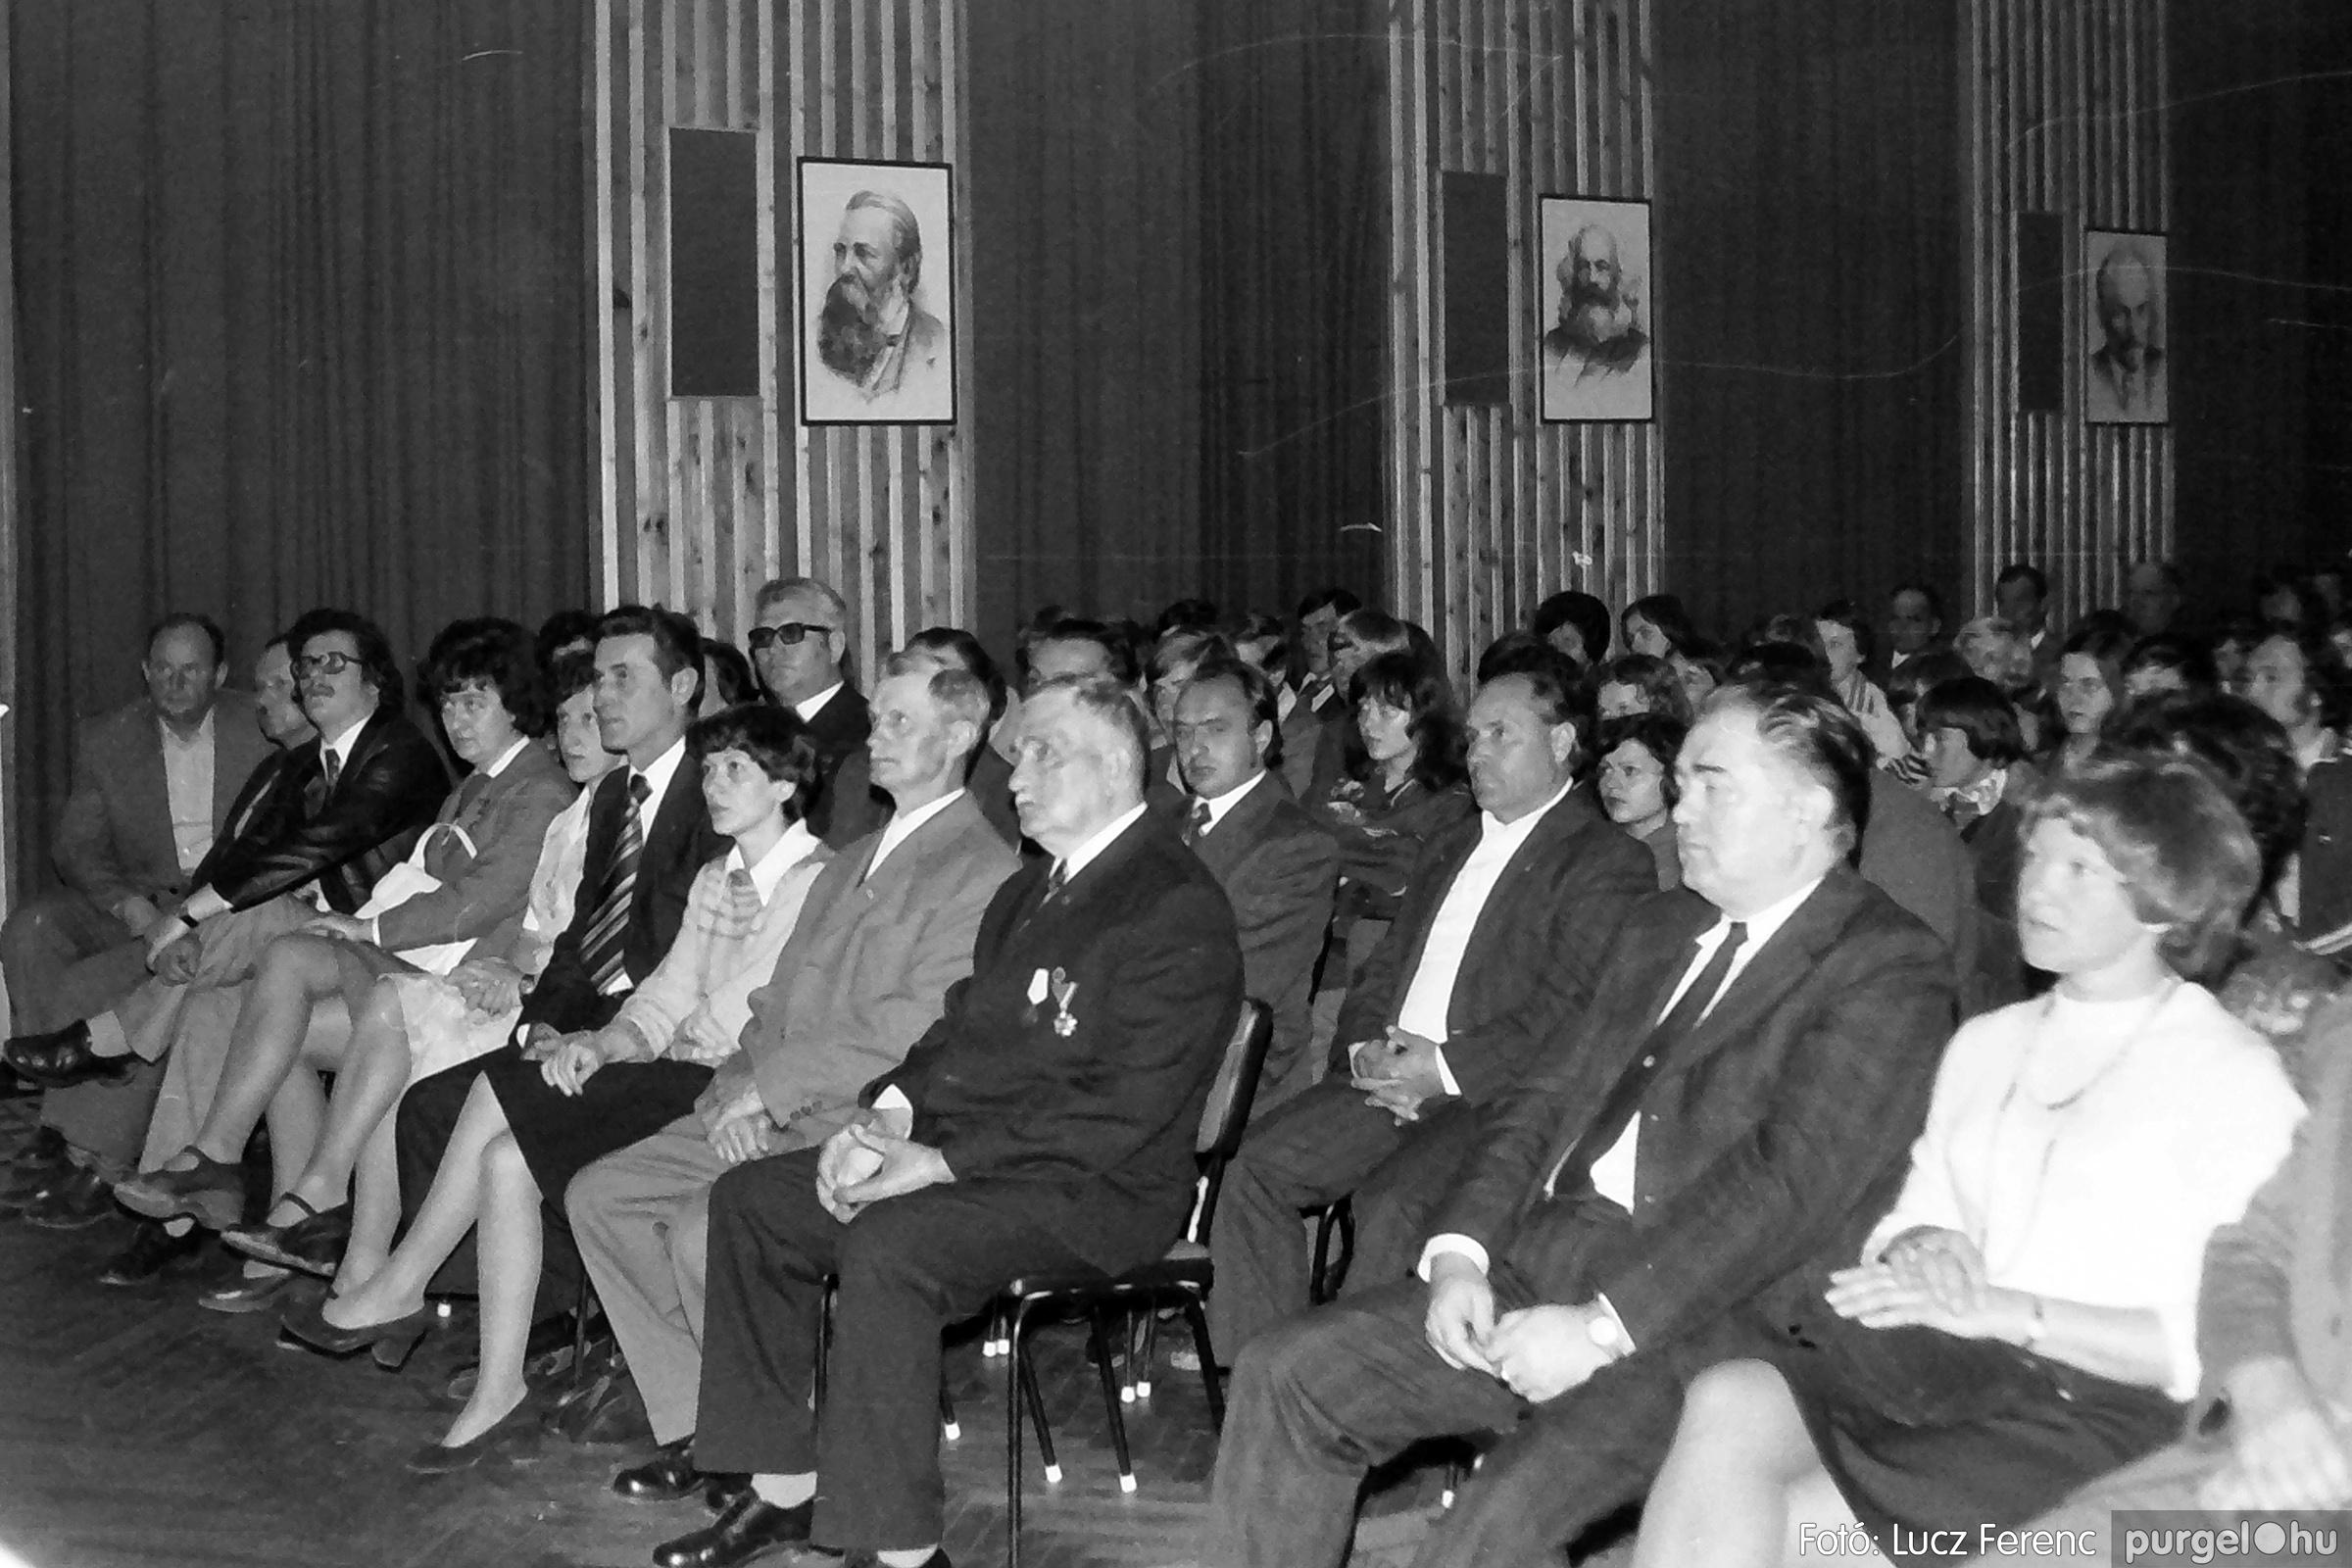 078. 1977.04.04. Április 4-i ünnepség 021. - Fotó: Lucz Ferenc.jpg